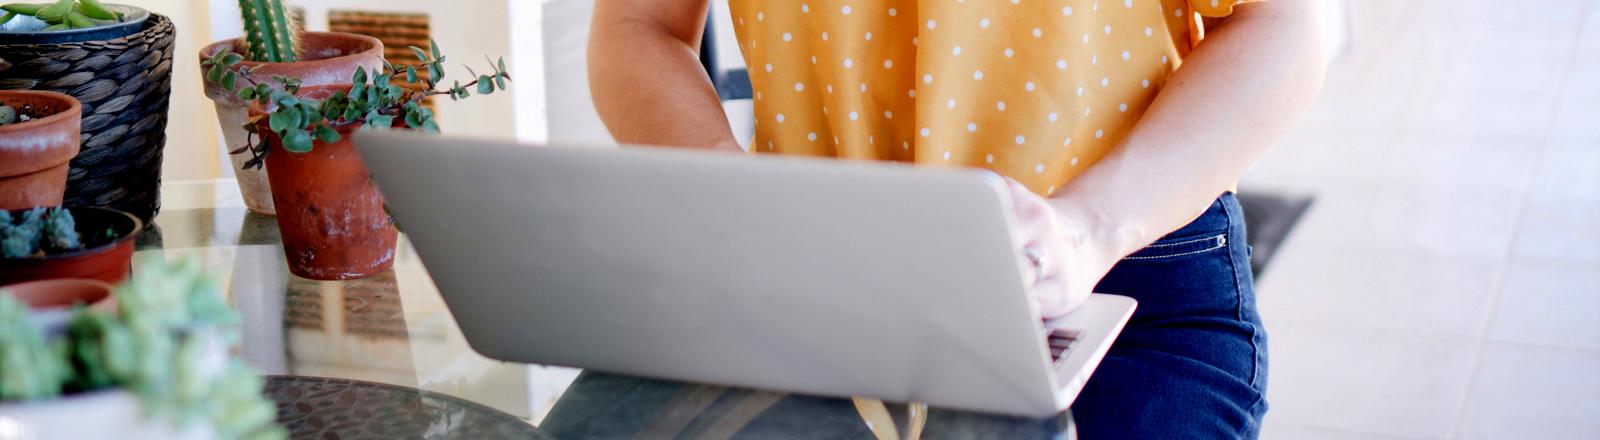 Frau sitzt am Laptop und schreibt.